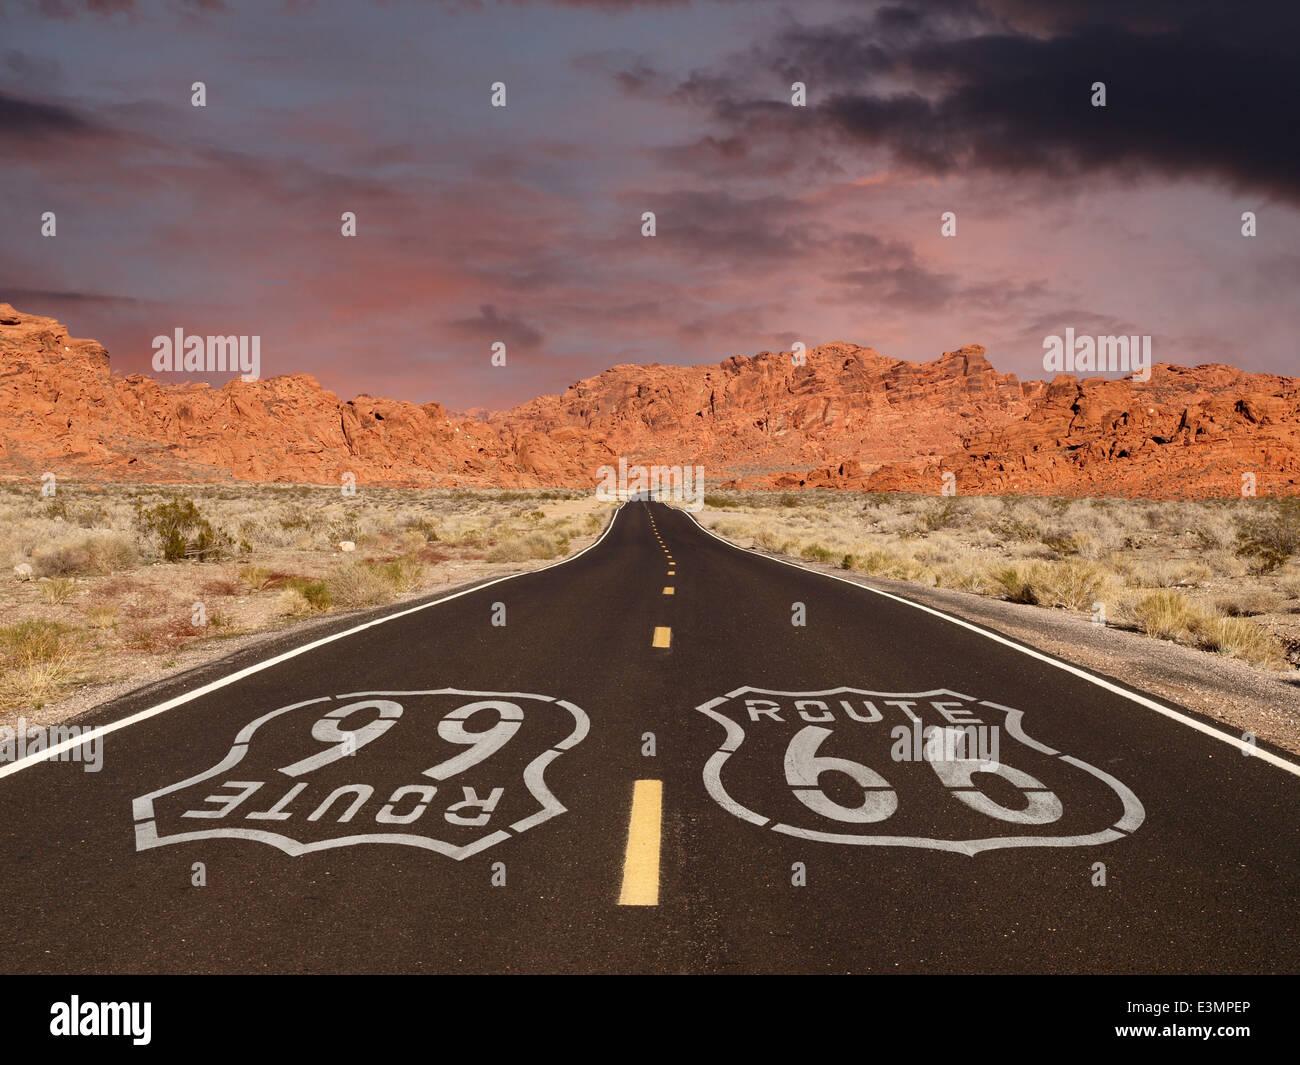 Route 66 Pflaster Schild mit roten Felsen Berg Sonnenuntergang in Mojave-Wüste. Stockbild